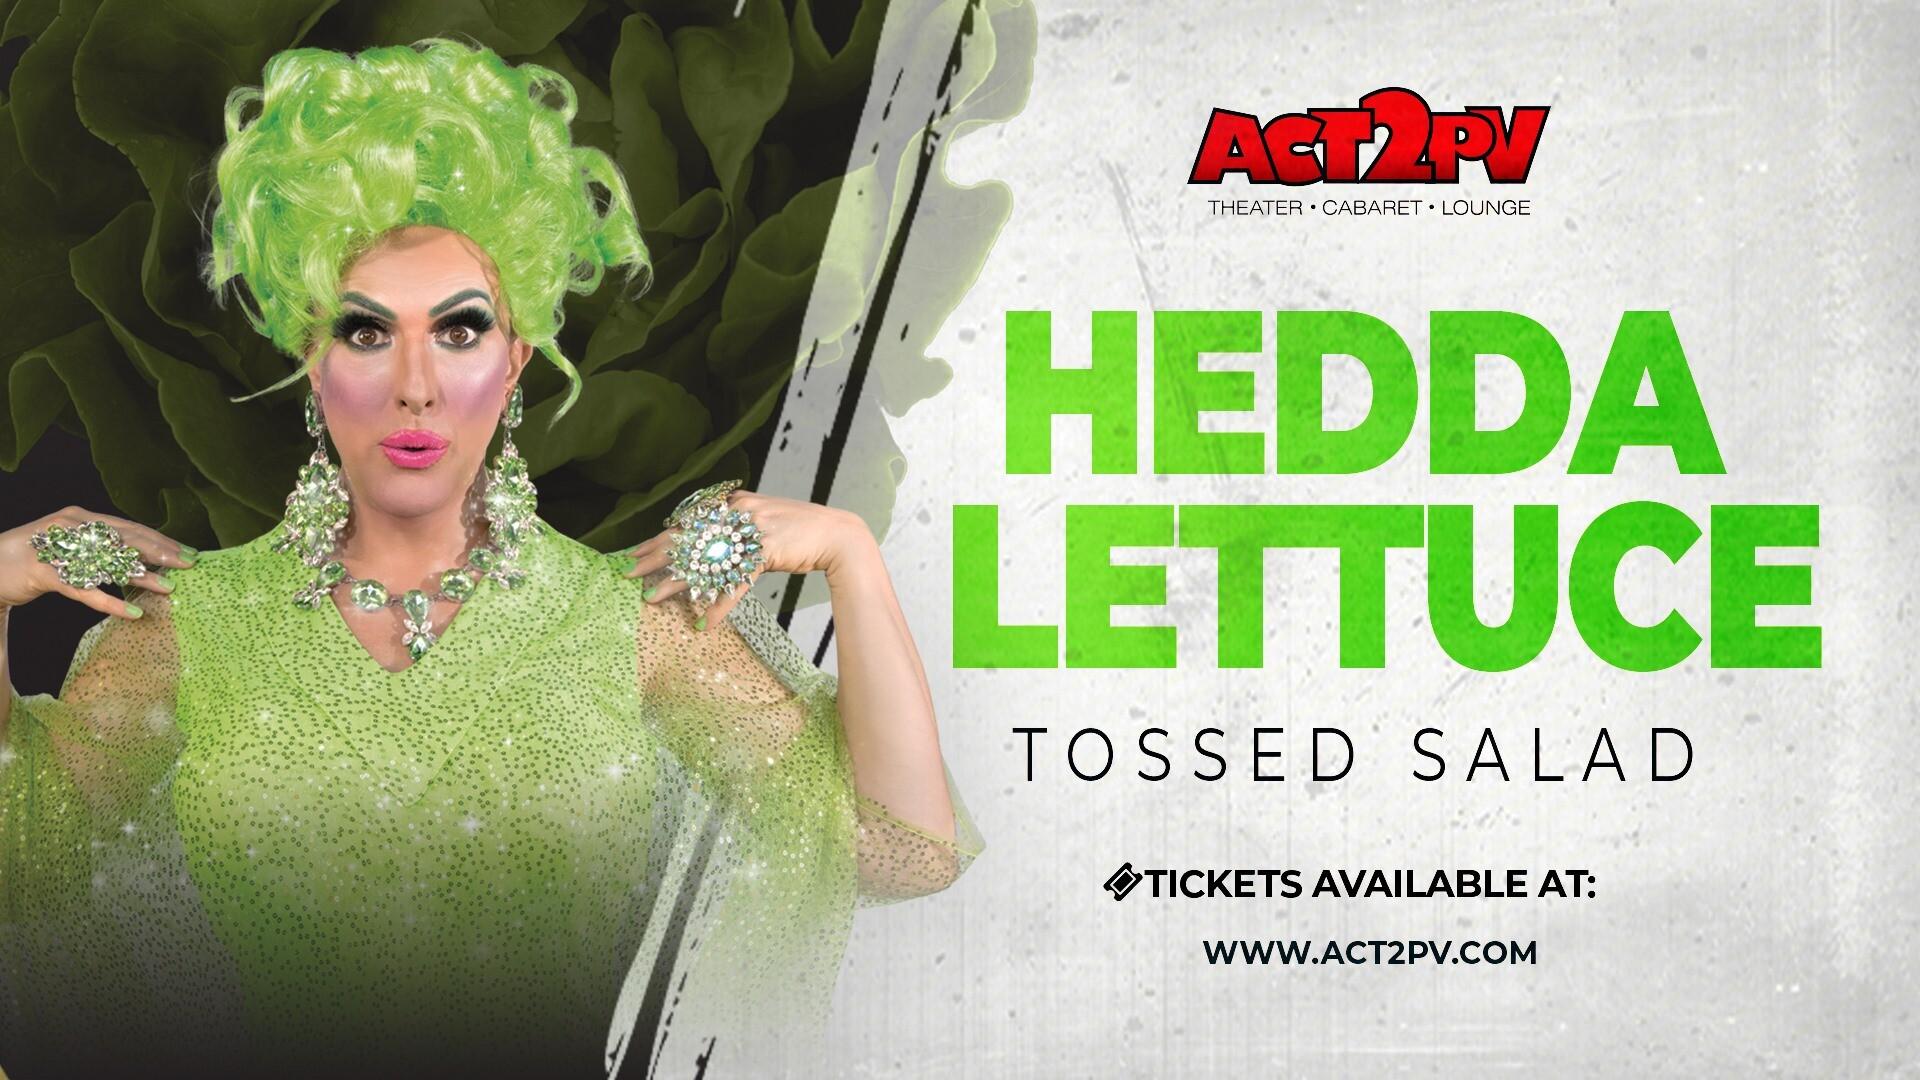 Hedda Lettuce Tossed Salad